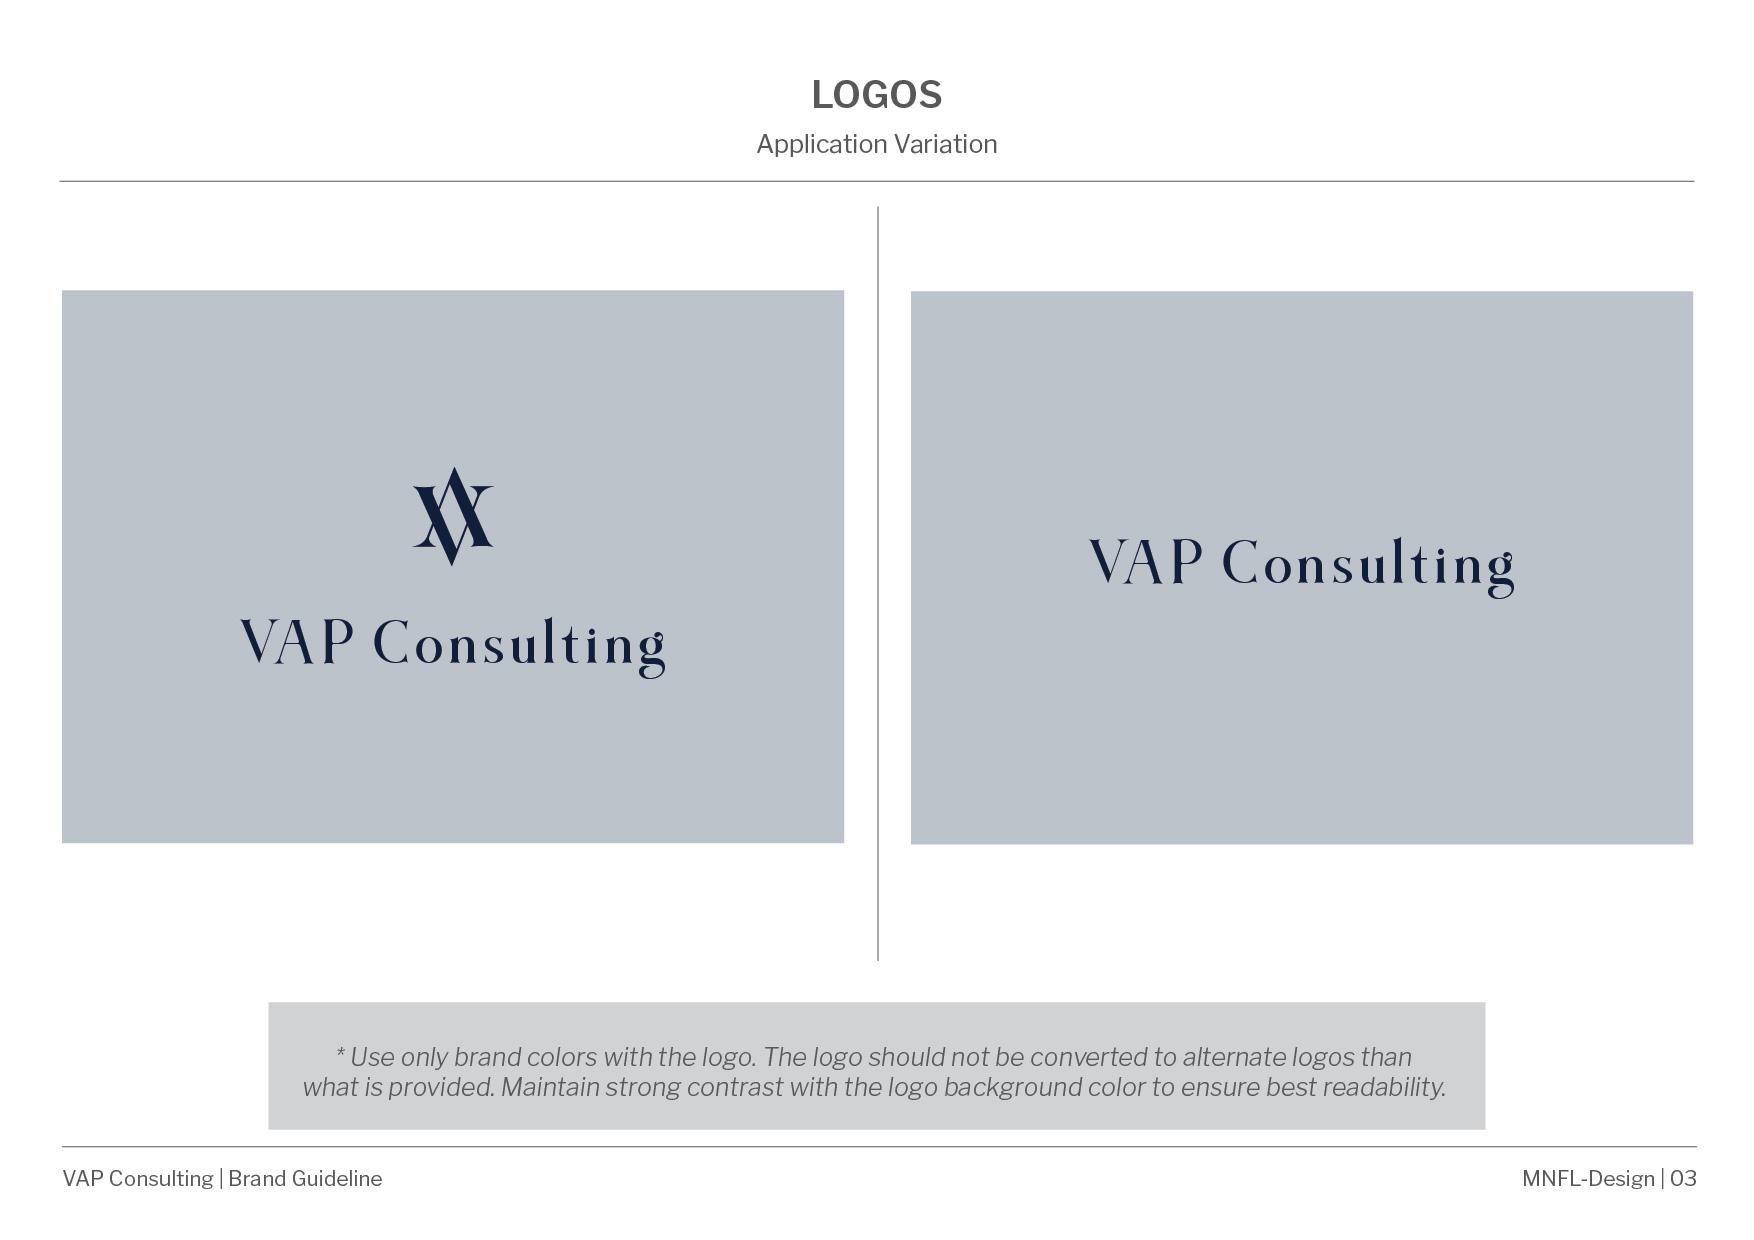 VAP Brand Guideline_application.jpg